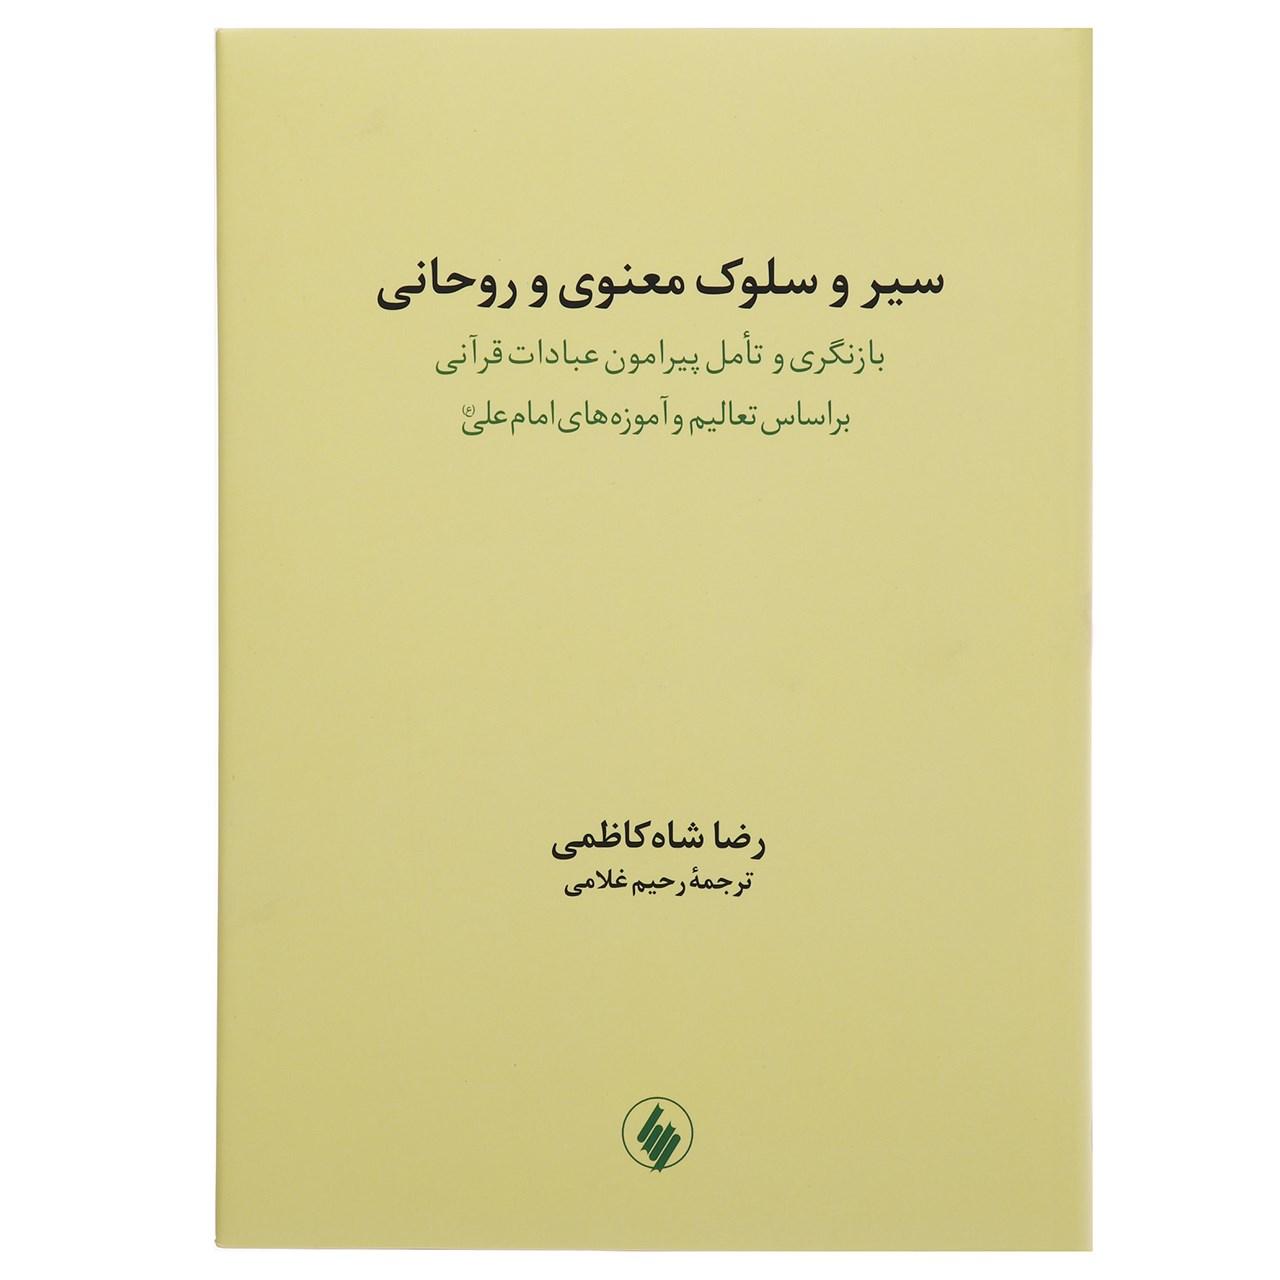 کتاب سیر و سلوک معنوی و روحانی اثر رضا شاه کاظمی